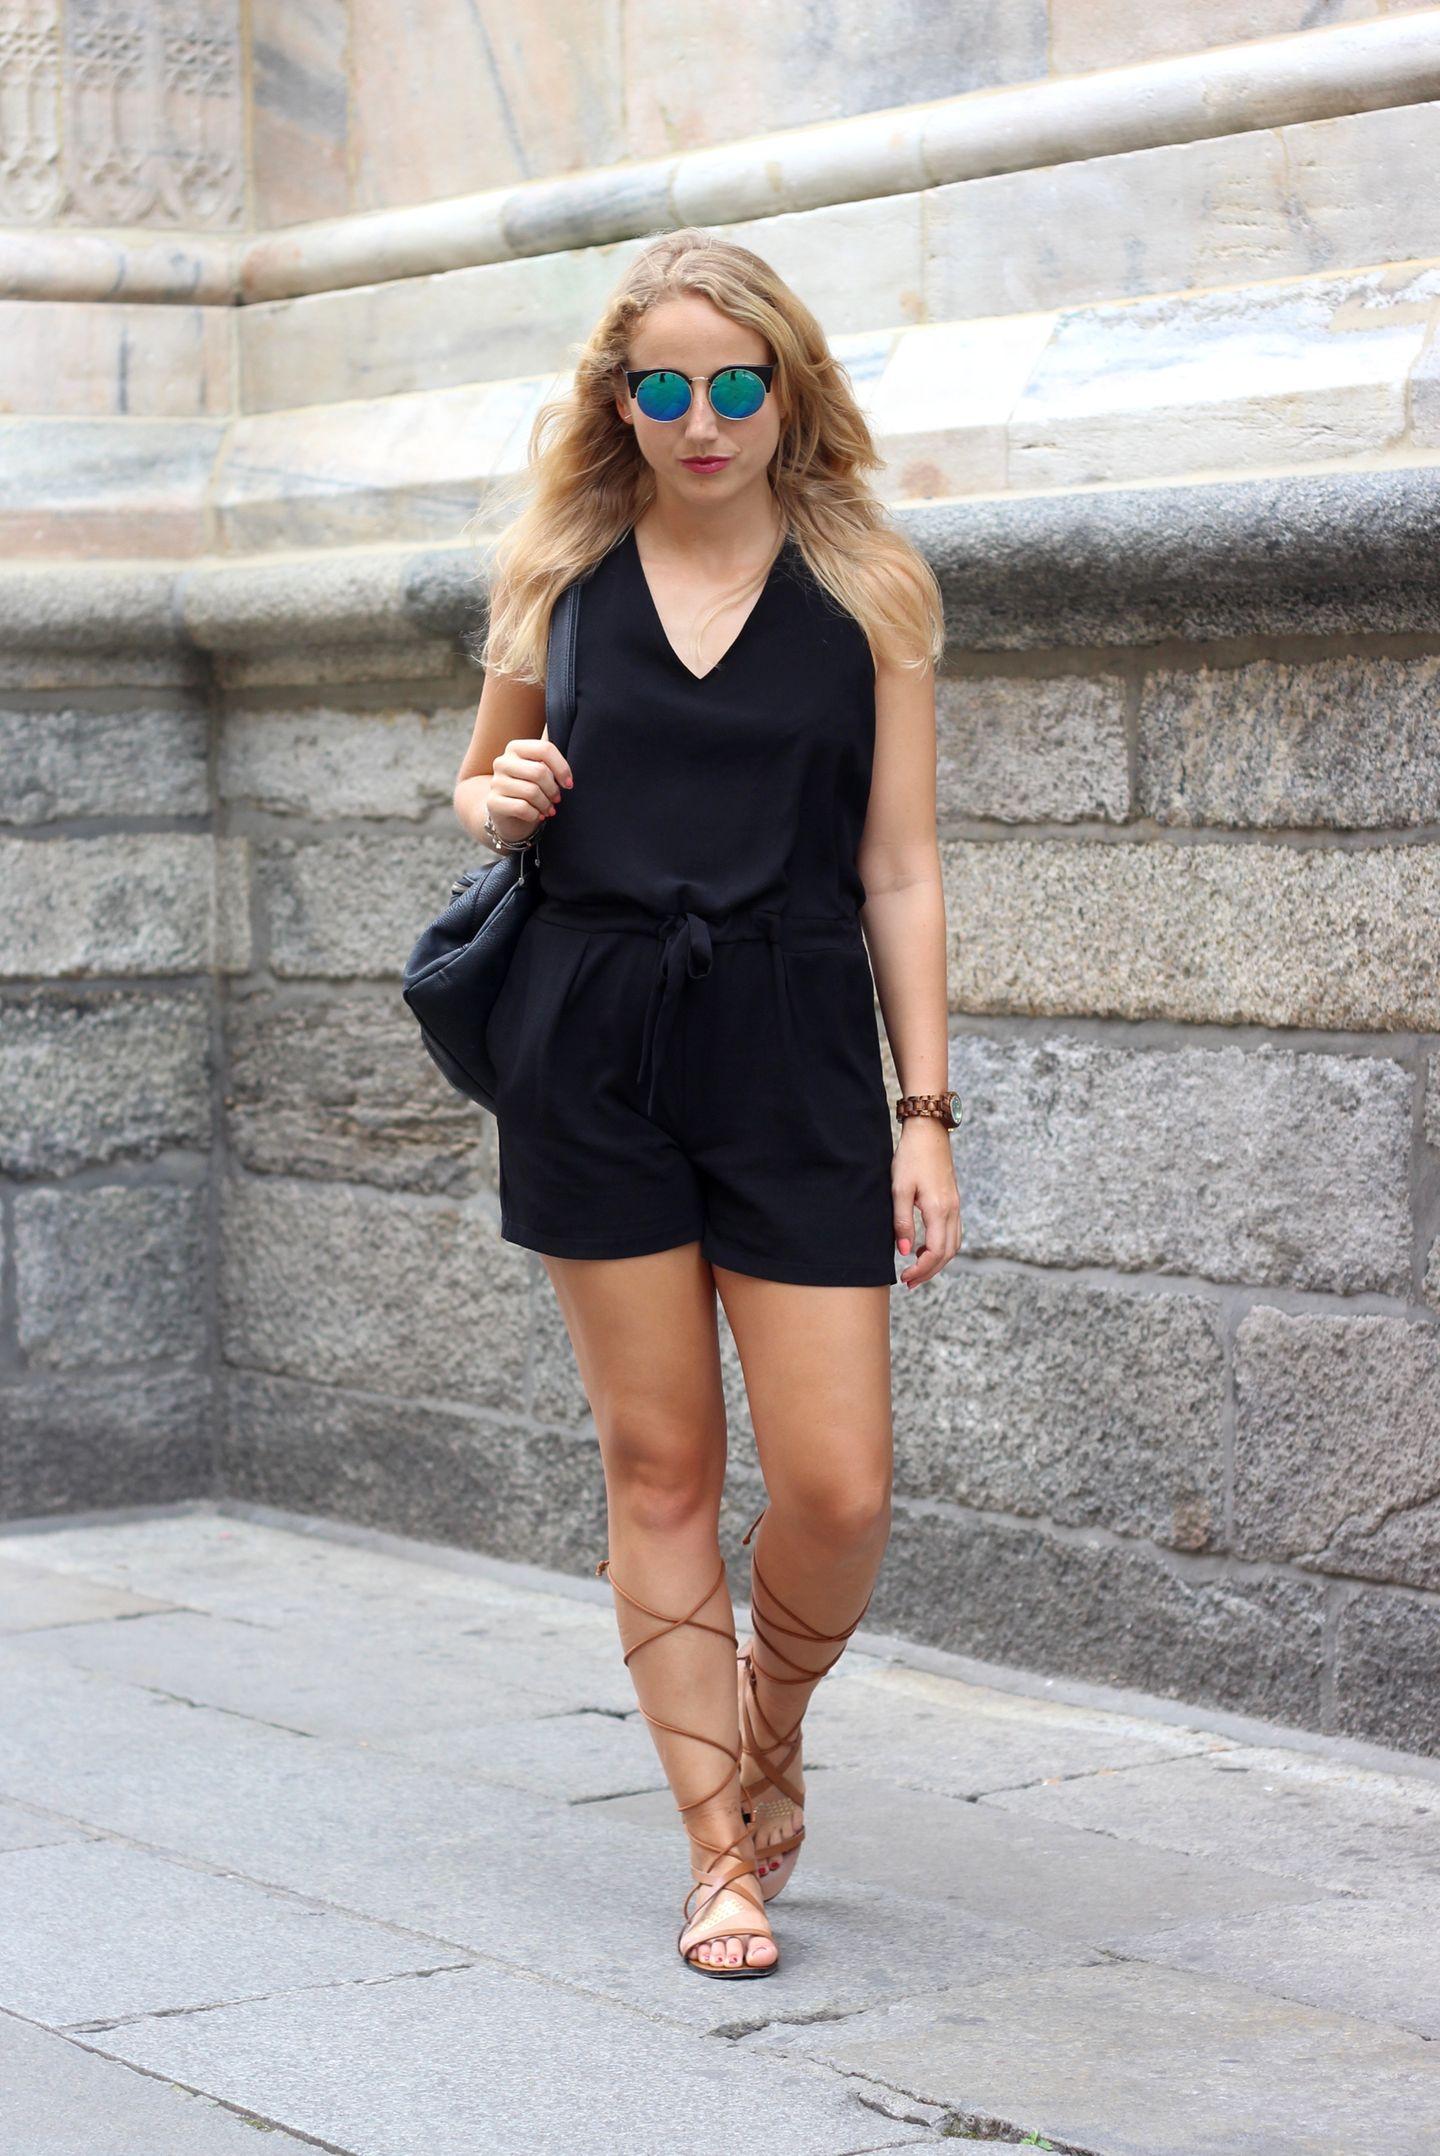 Schwarz und luftig geschnitten – das ist der sehr schöne und schlichte Summer-Look von JuliaJulia.